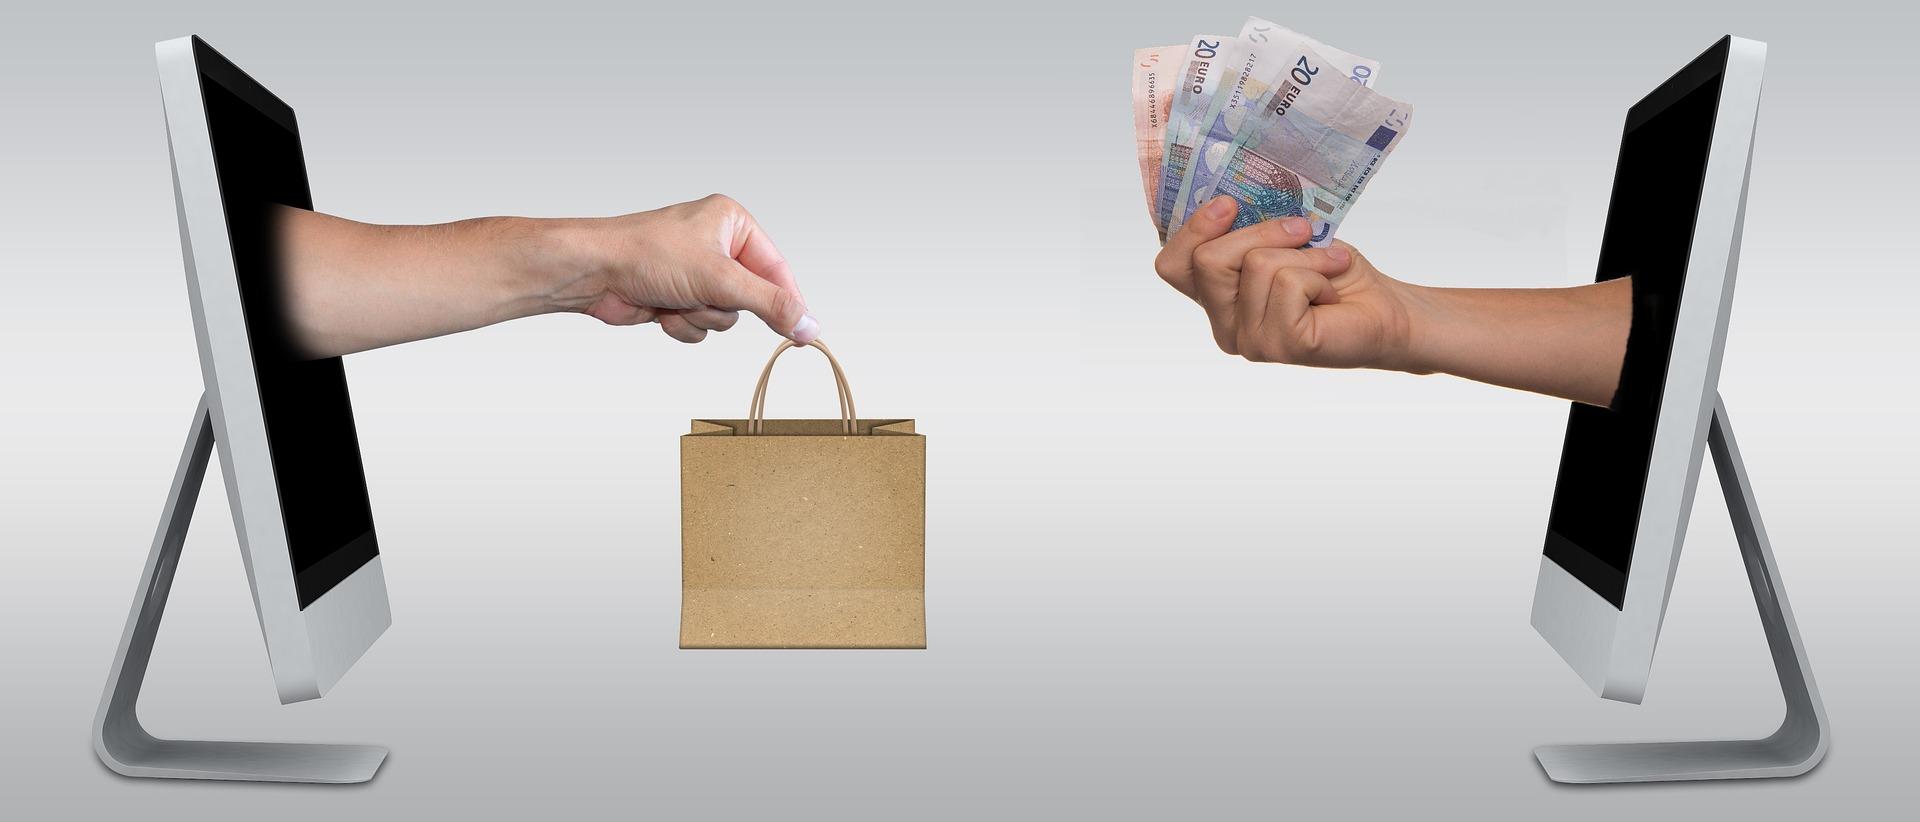 6 cose da considerare quando si avvia un negozio di e-commerce